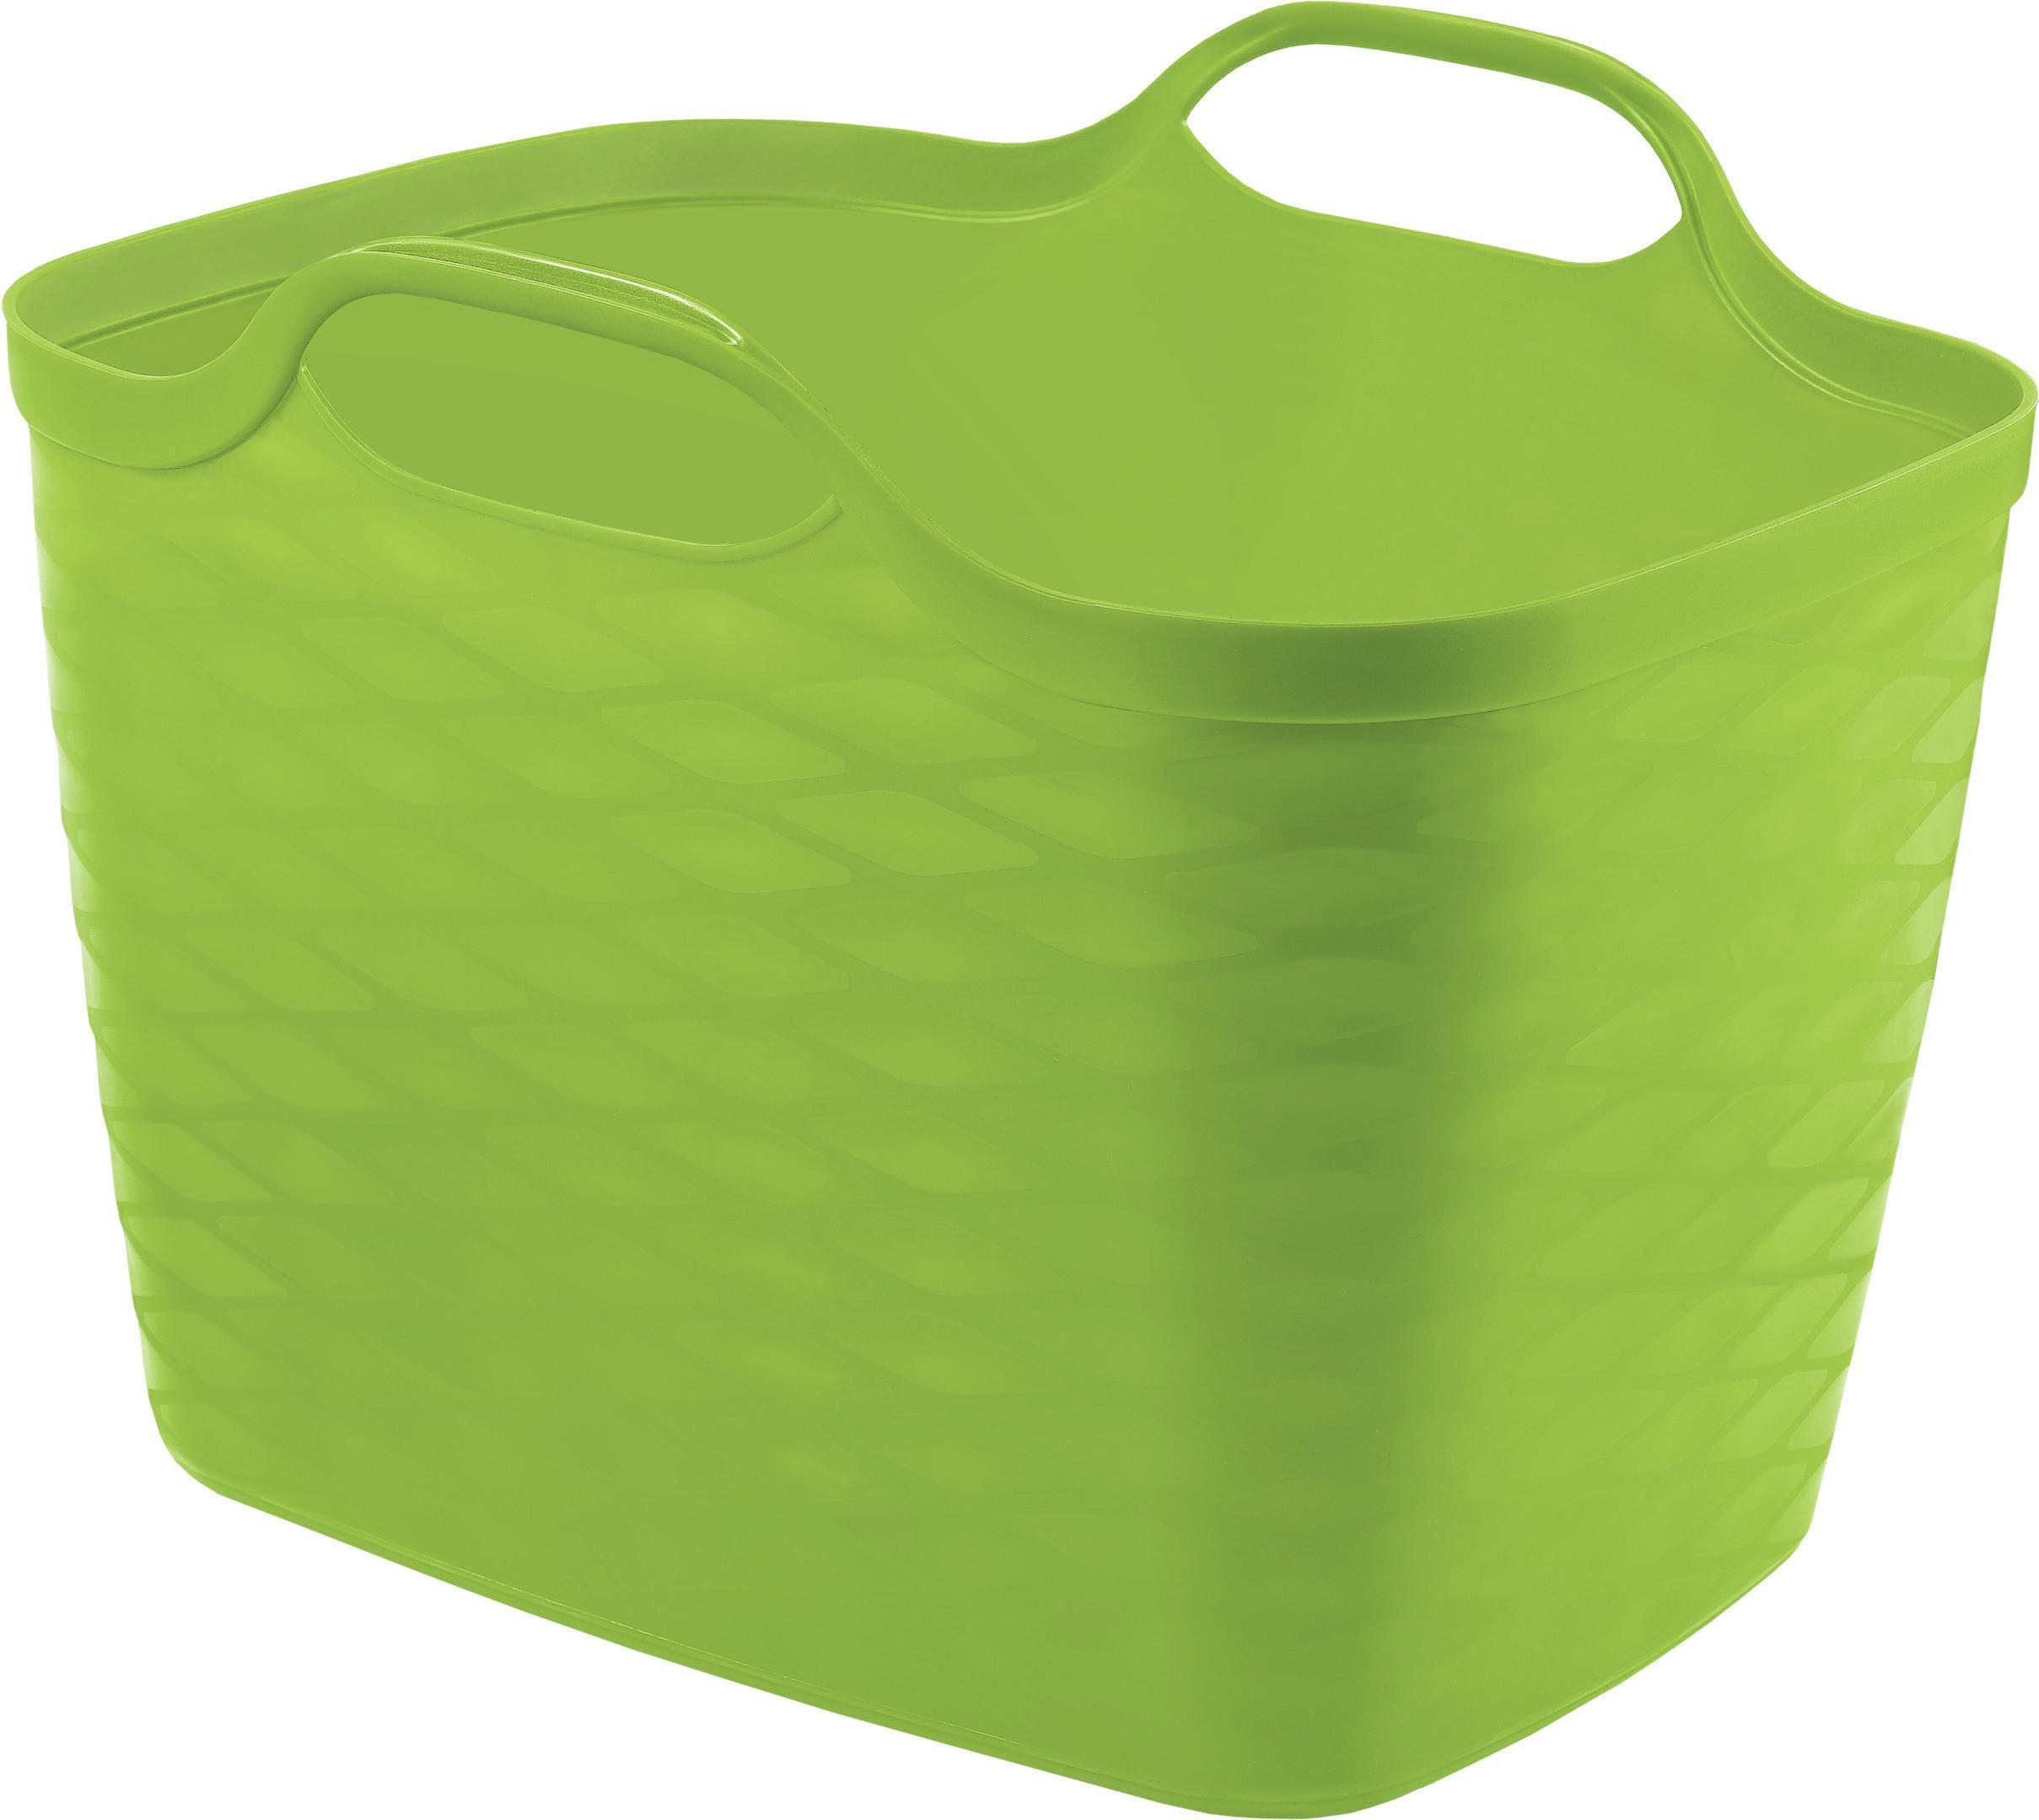 Kosár Flexi Kosár 25l - zöld, műanyag (25l)